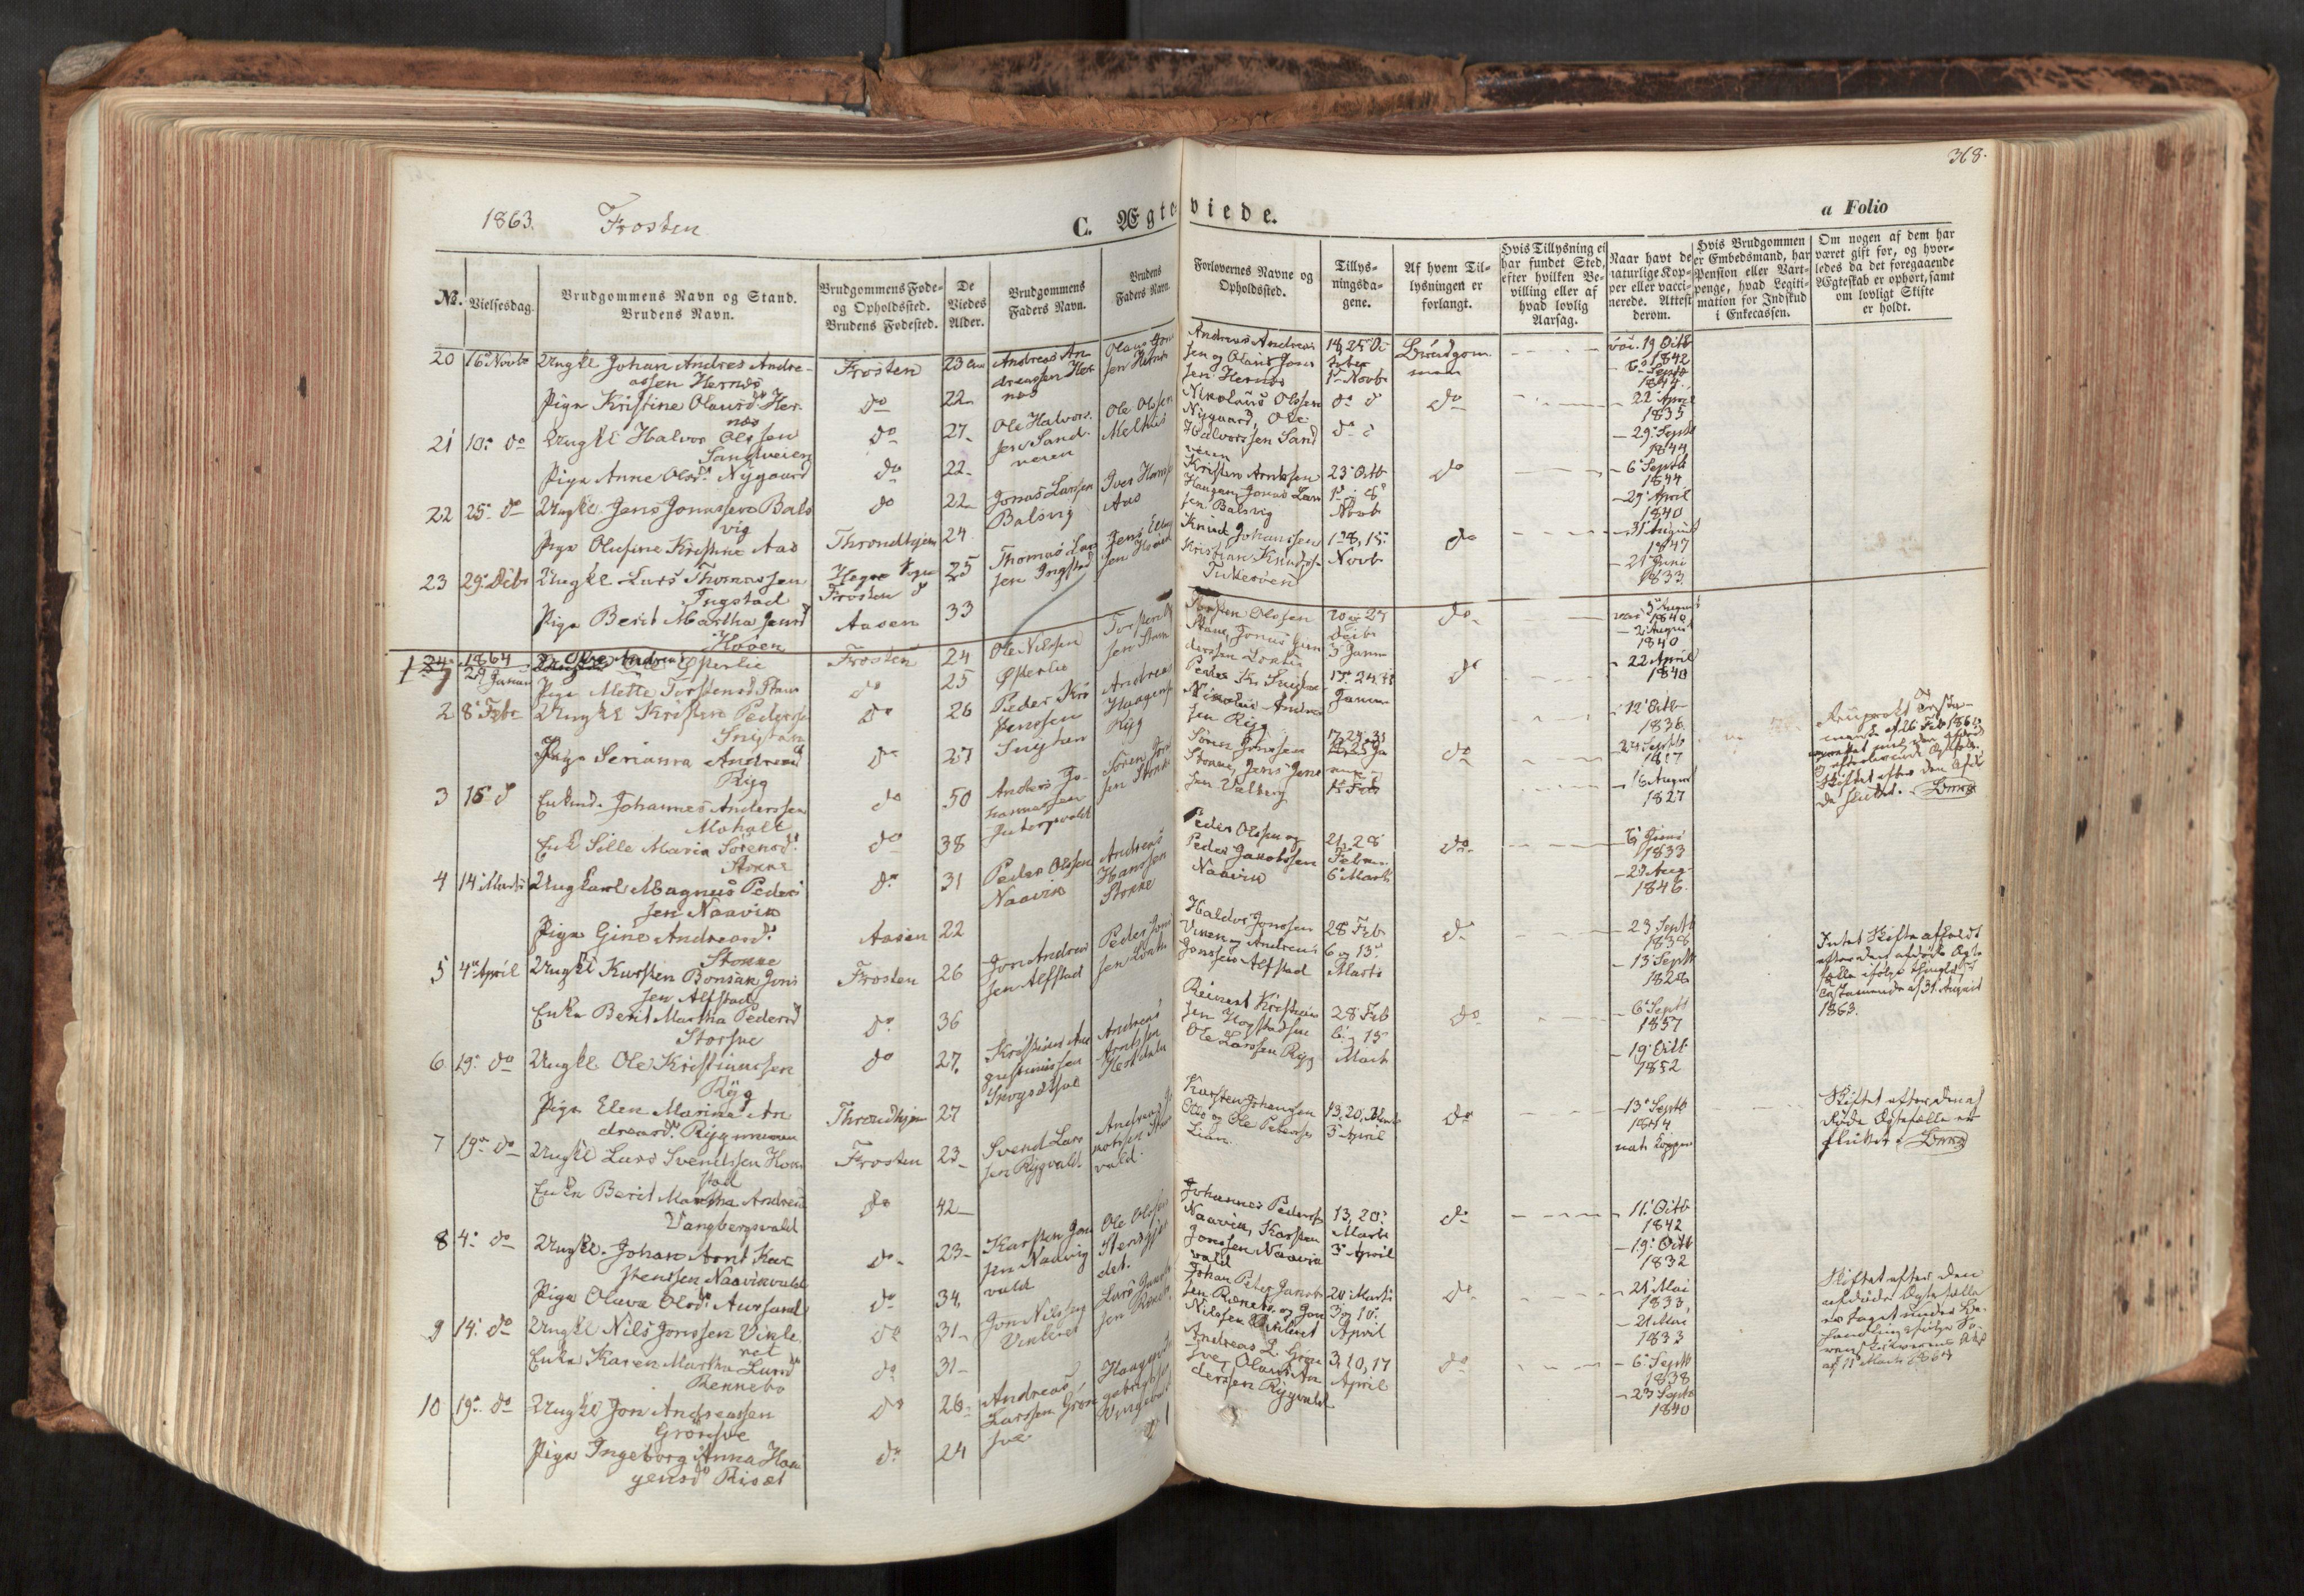 SAT, Ministerialprotokoller, klokkerbøker og fødselsregistre - Nord-Trøndelag, 713/L0116: Ministerialbok nr. 713A07, 1850-1877, s. 368